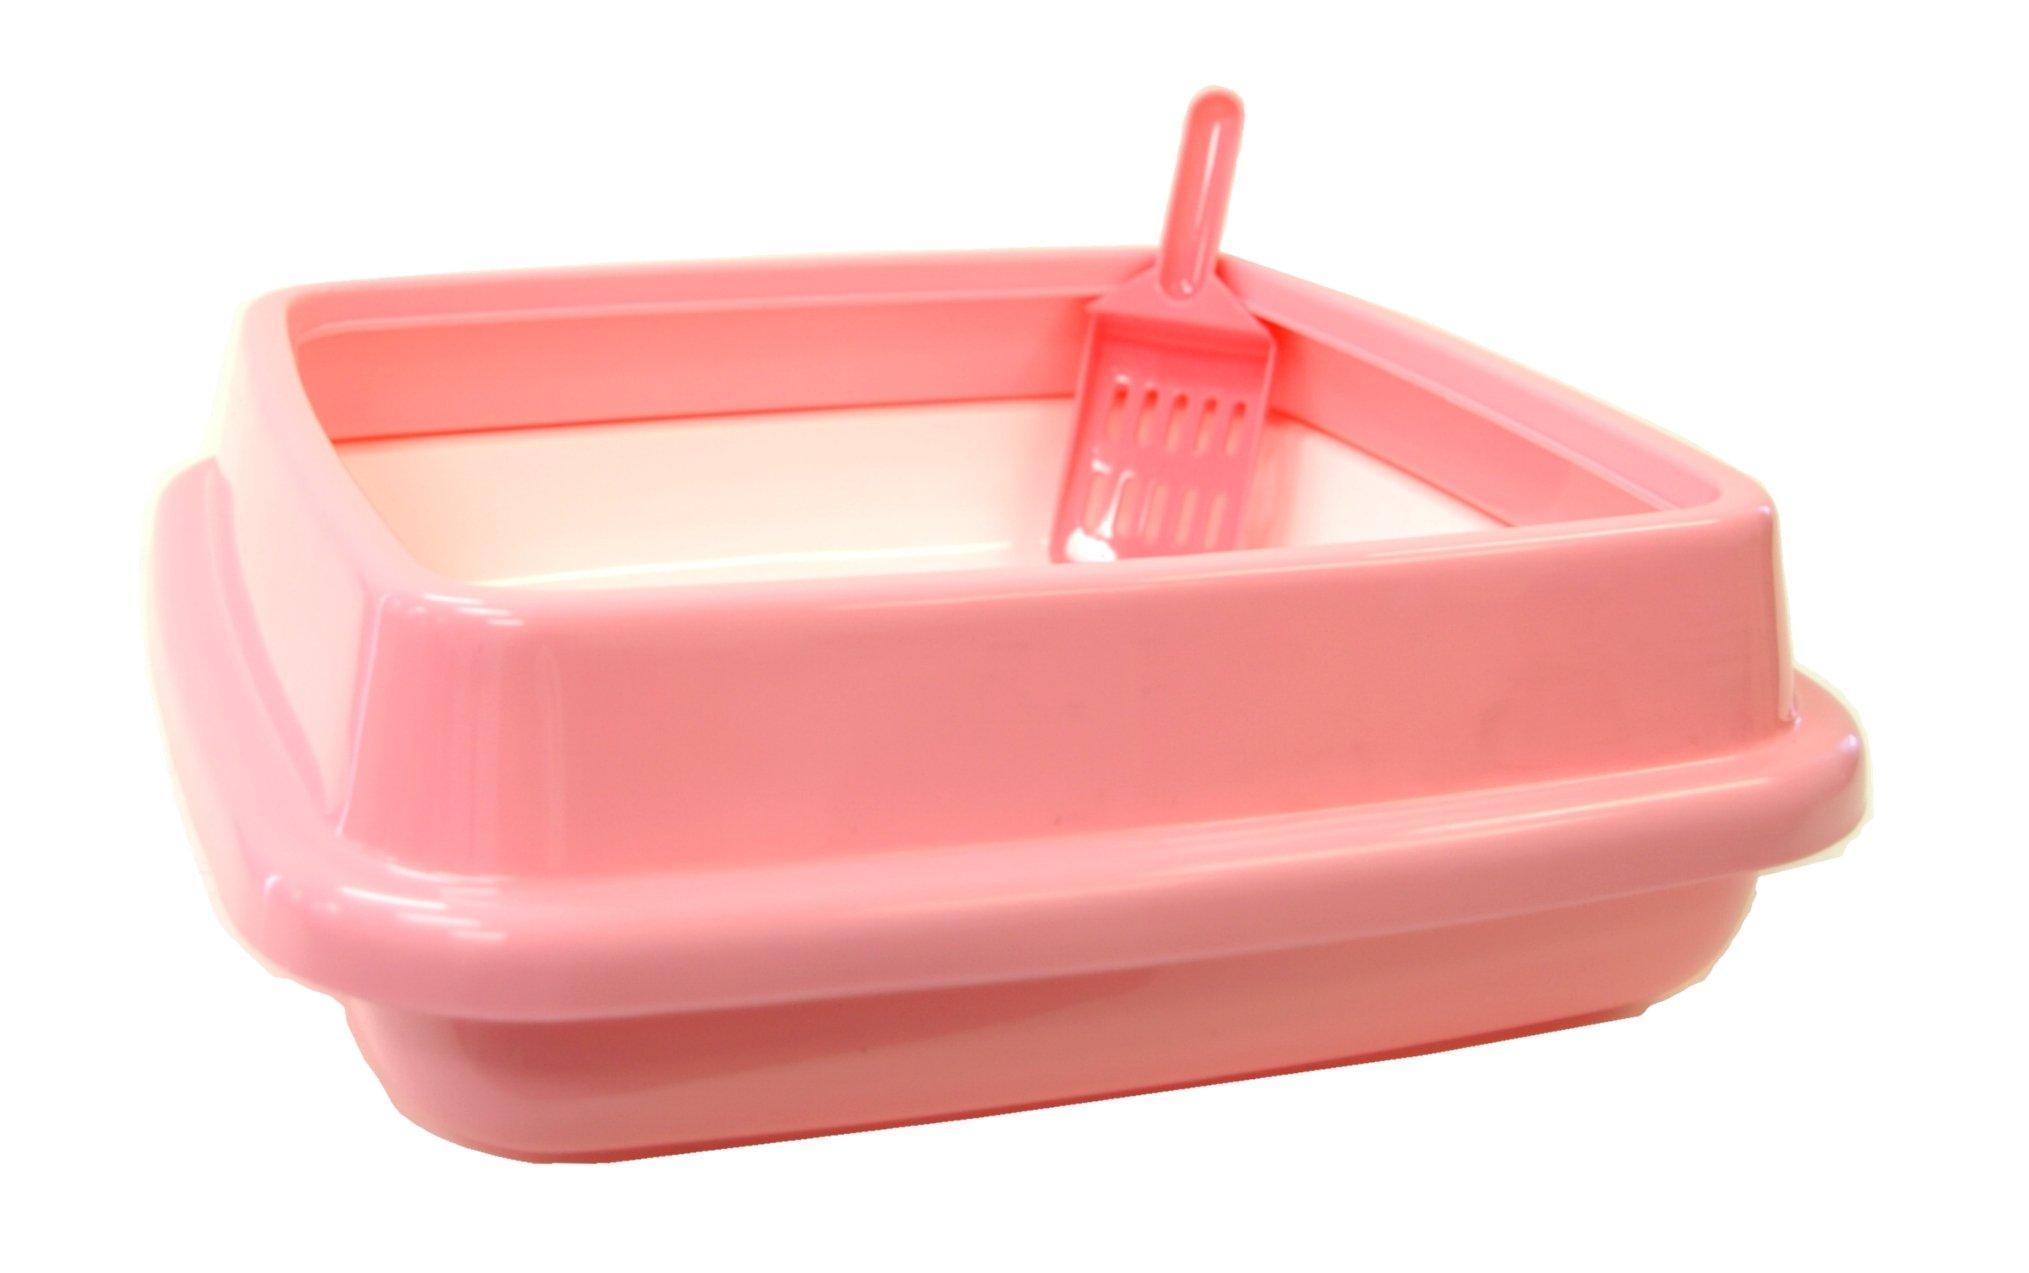 YML Kitten Little Pan, Pink